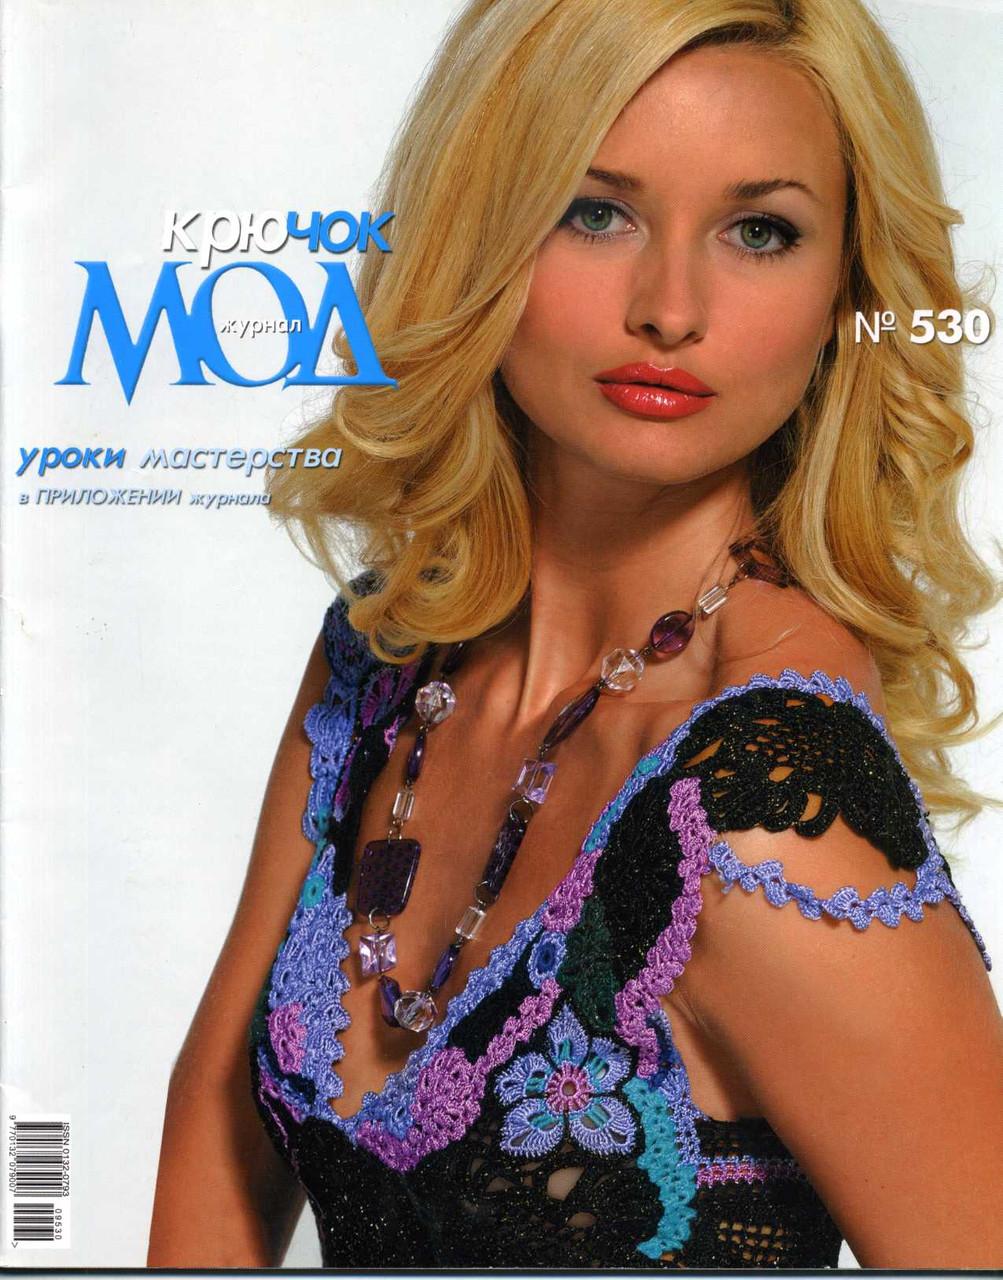 """Журнал по вязанию. """"Журнал мод"""" № 530"""